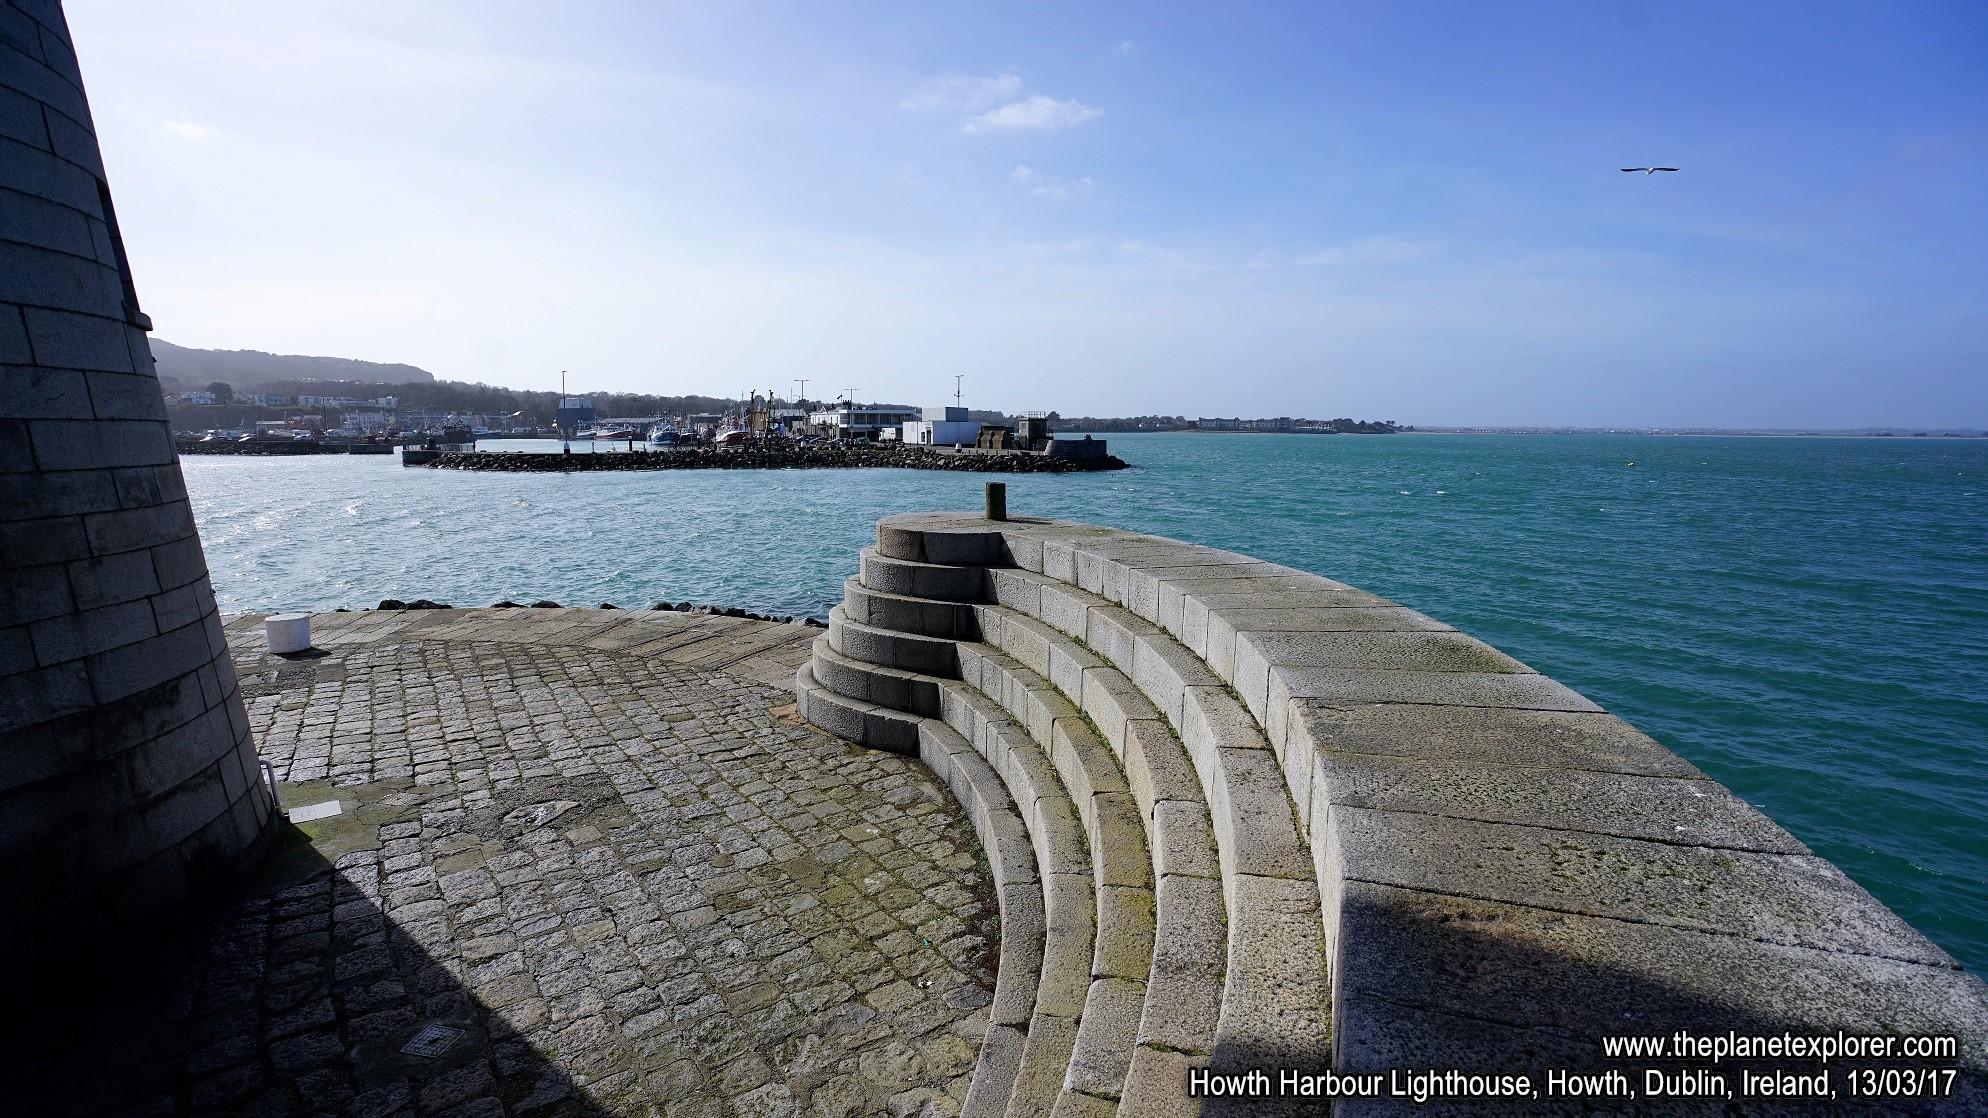 2017-03-13_1251_Ireland_Dublin_Howth_Howth Harbour Lighthouse_DSC08283_s7R2_LR_@www